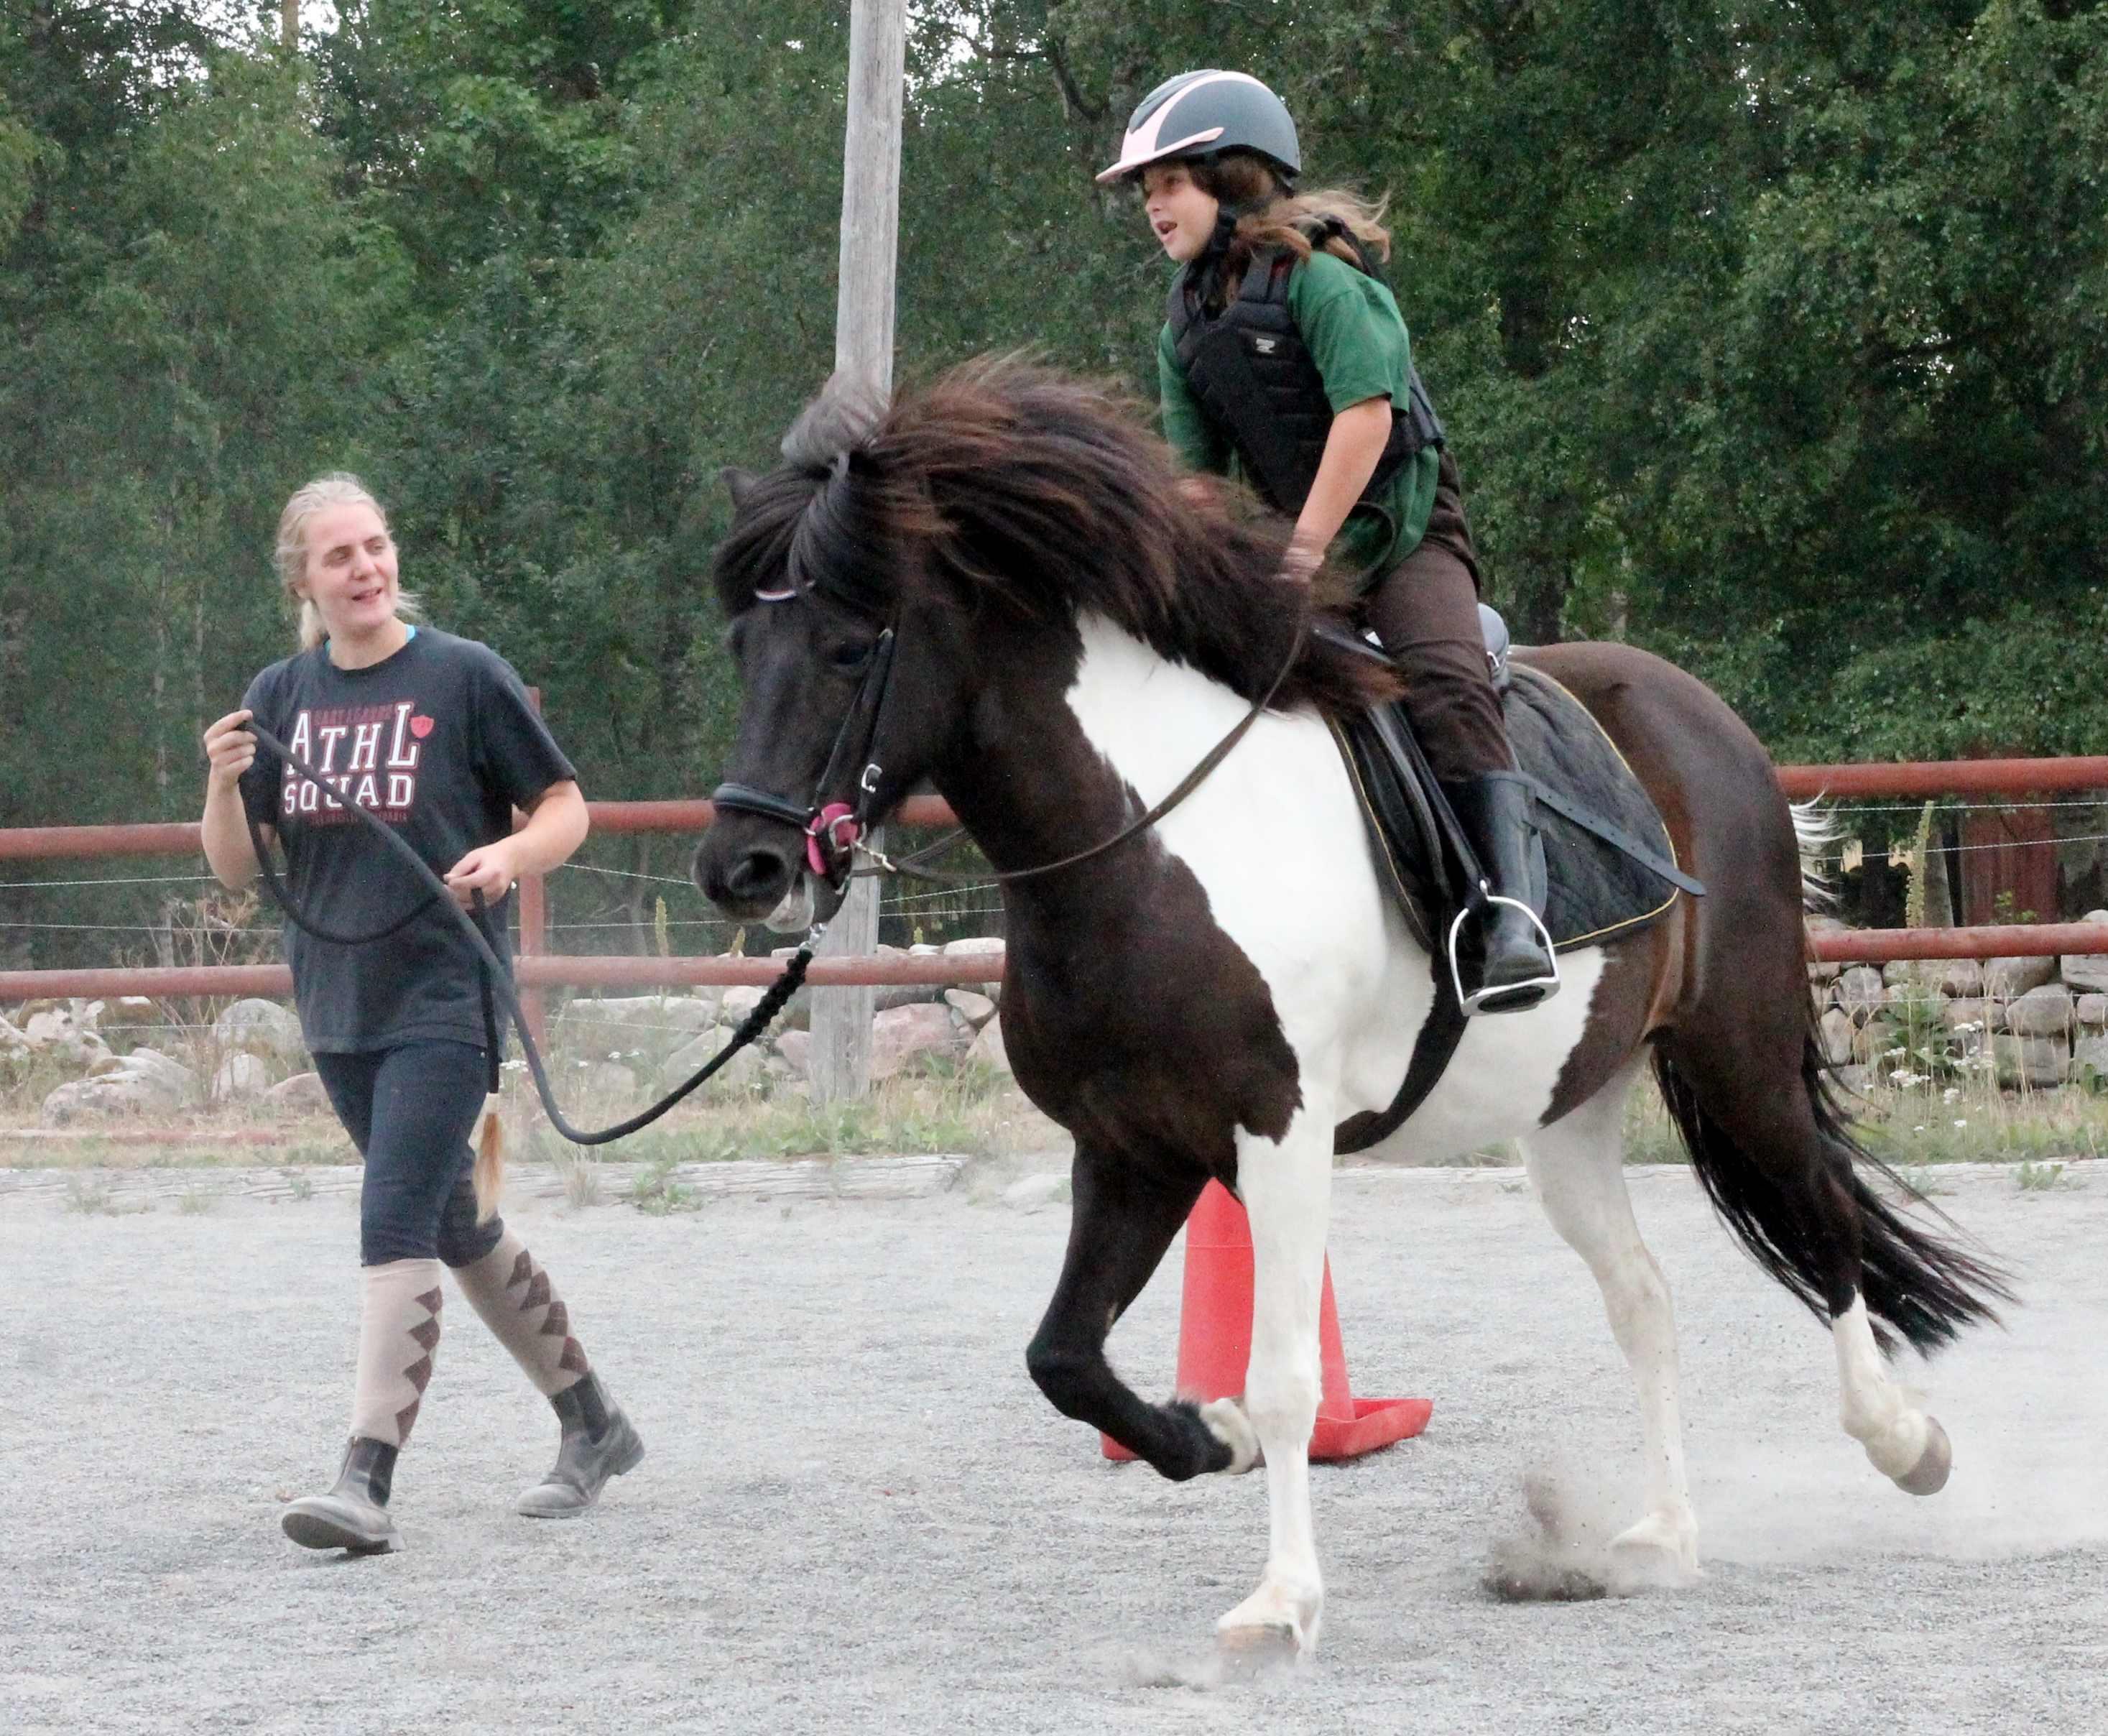 tora_lea Riding School-sparrarpislandshastar.com | 2020